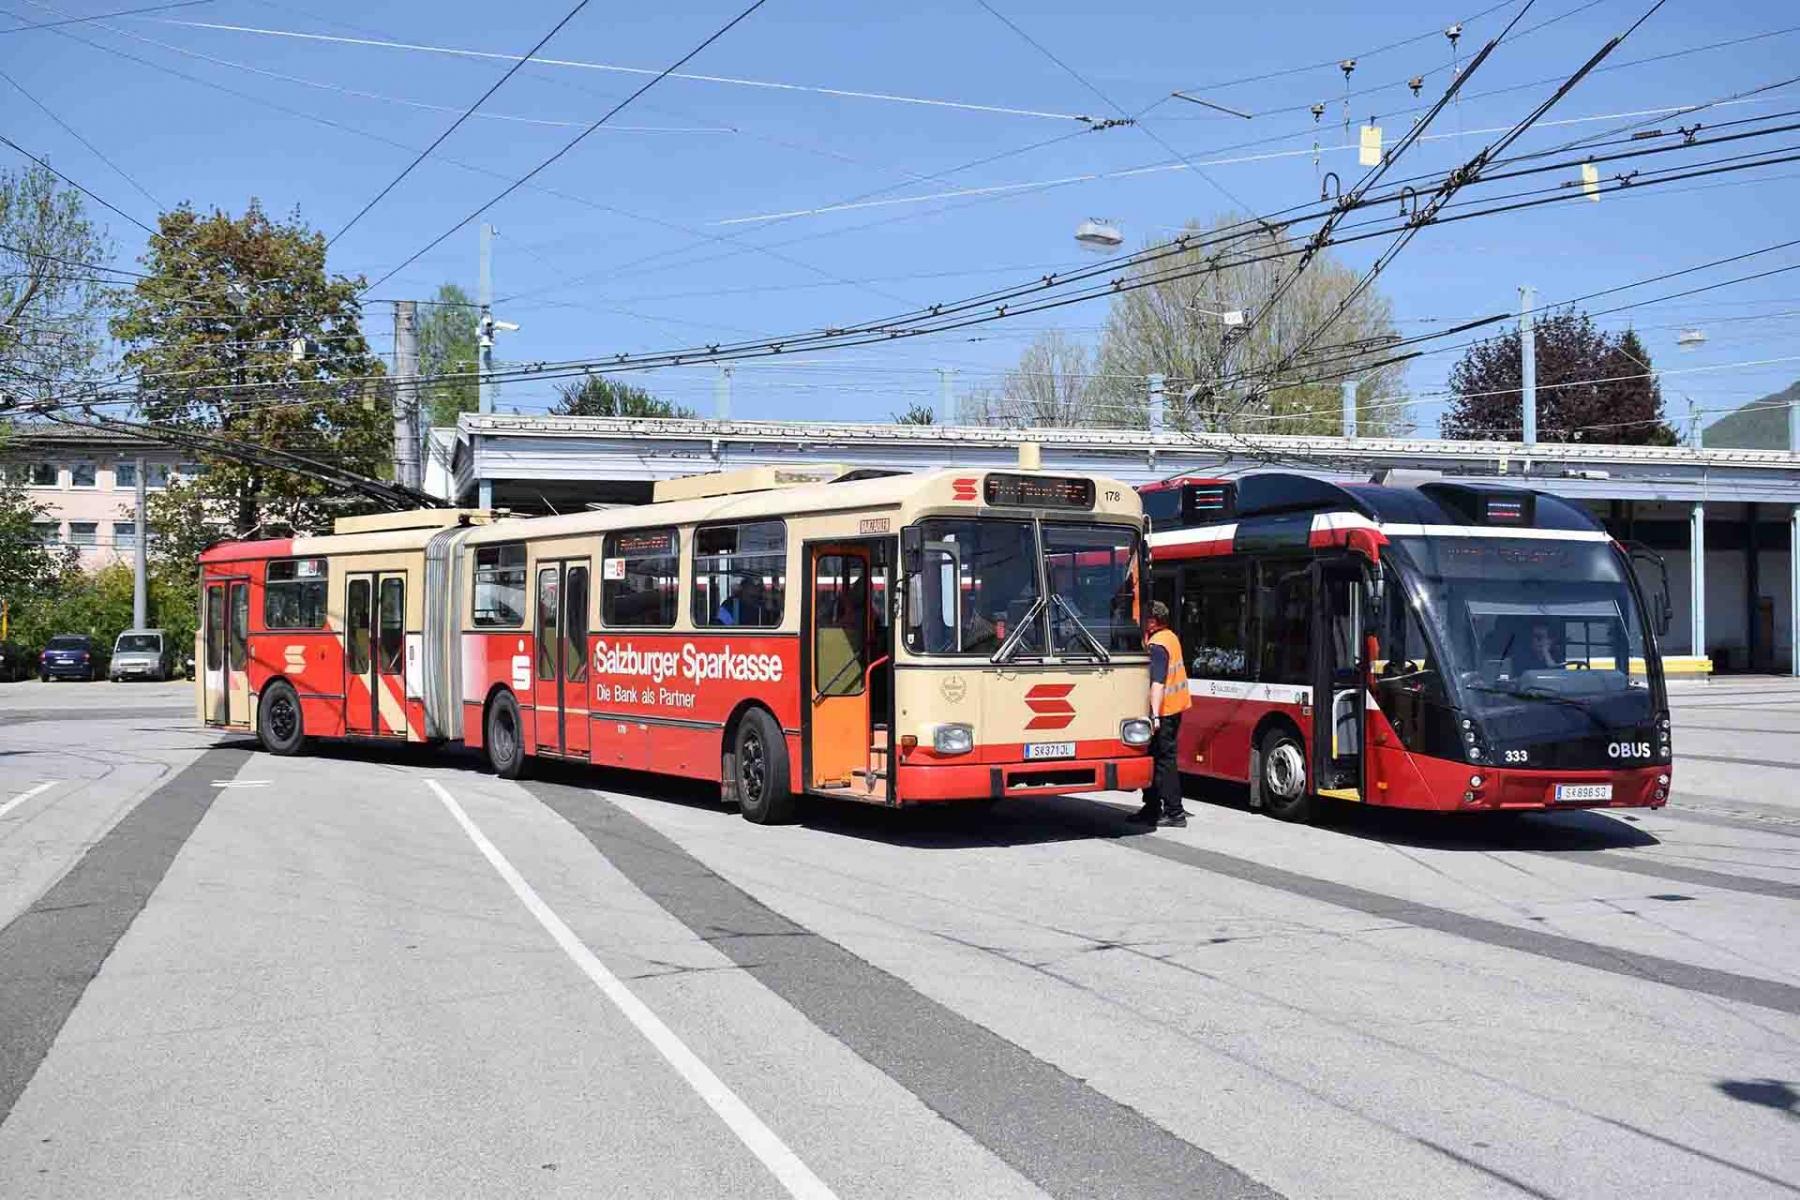 Obus 178 und ein Metrostyle-Obus am Betriebshof Alpenstraße. Foto: Jan Roider